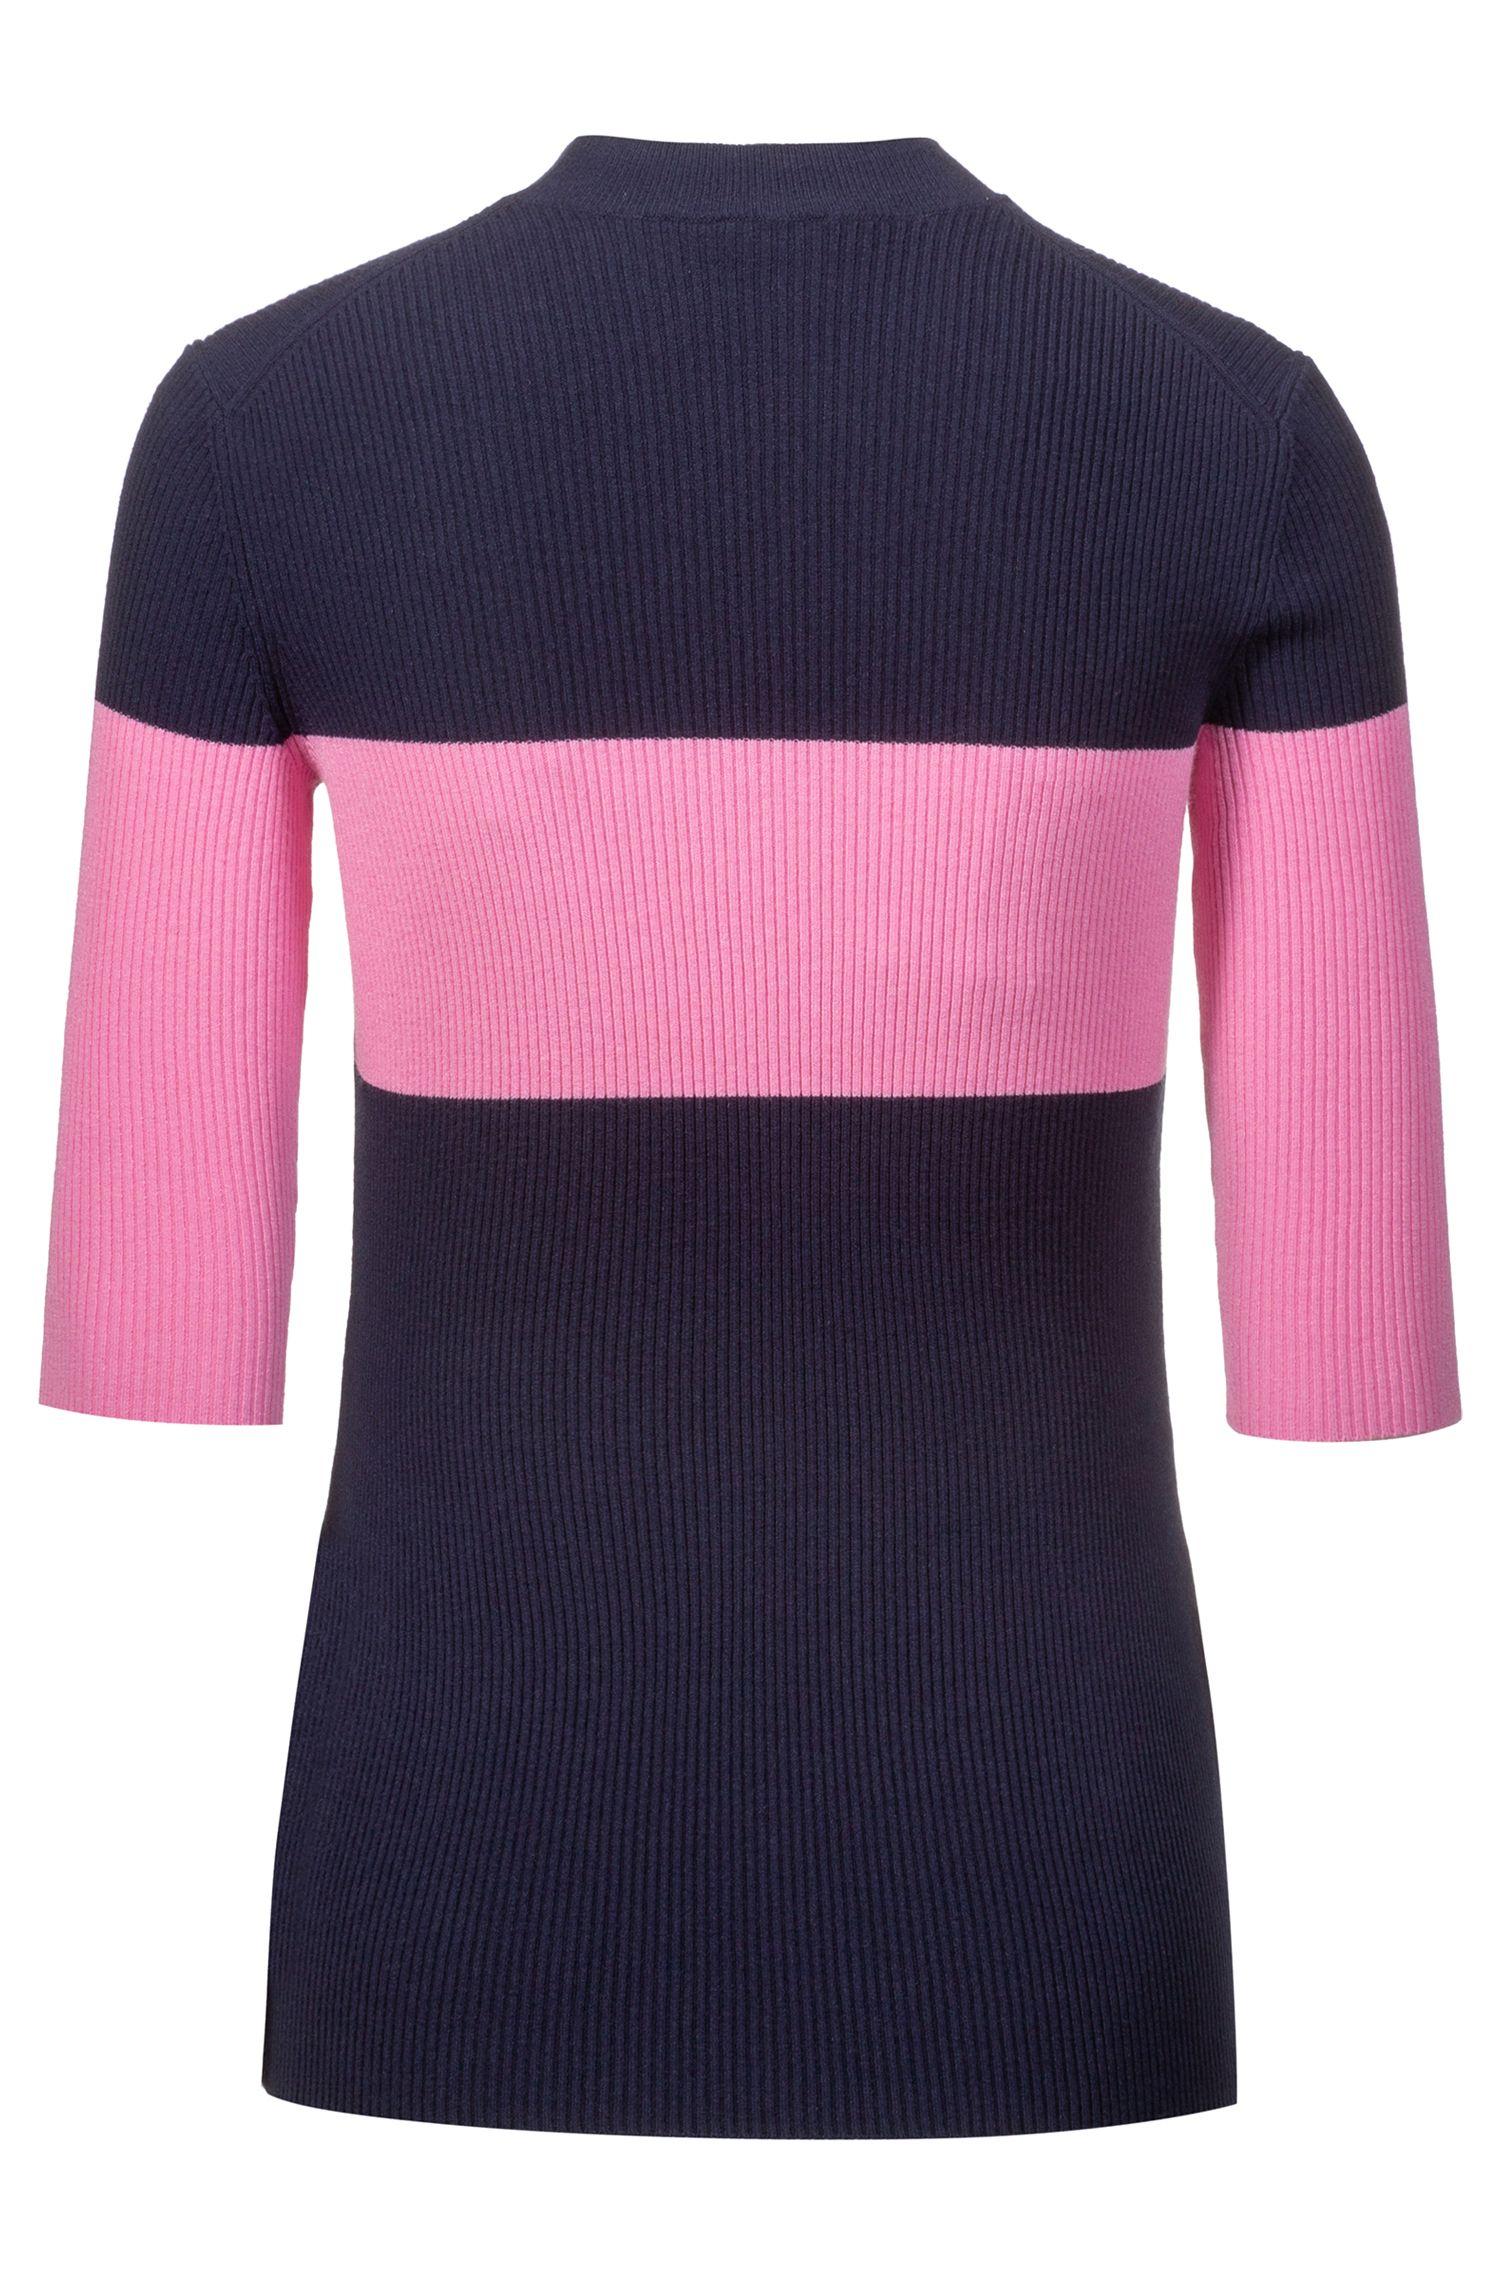 Jersey de bloques de colores de canalé con mangas a medio brazo, Fantasía